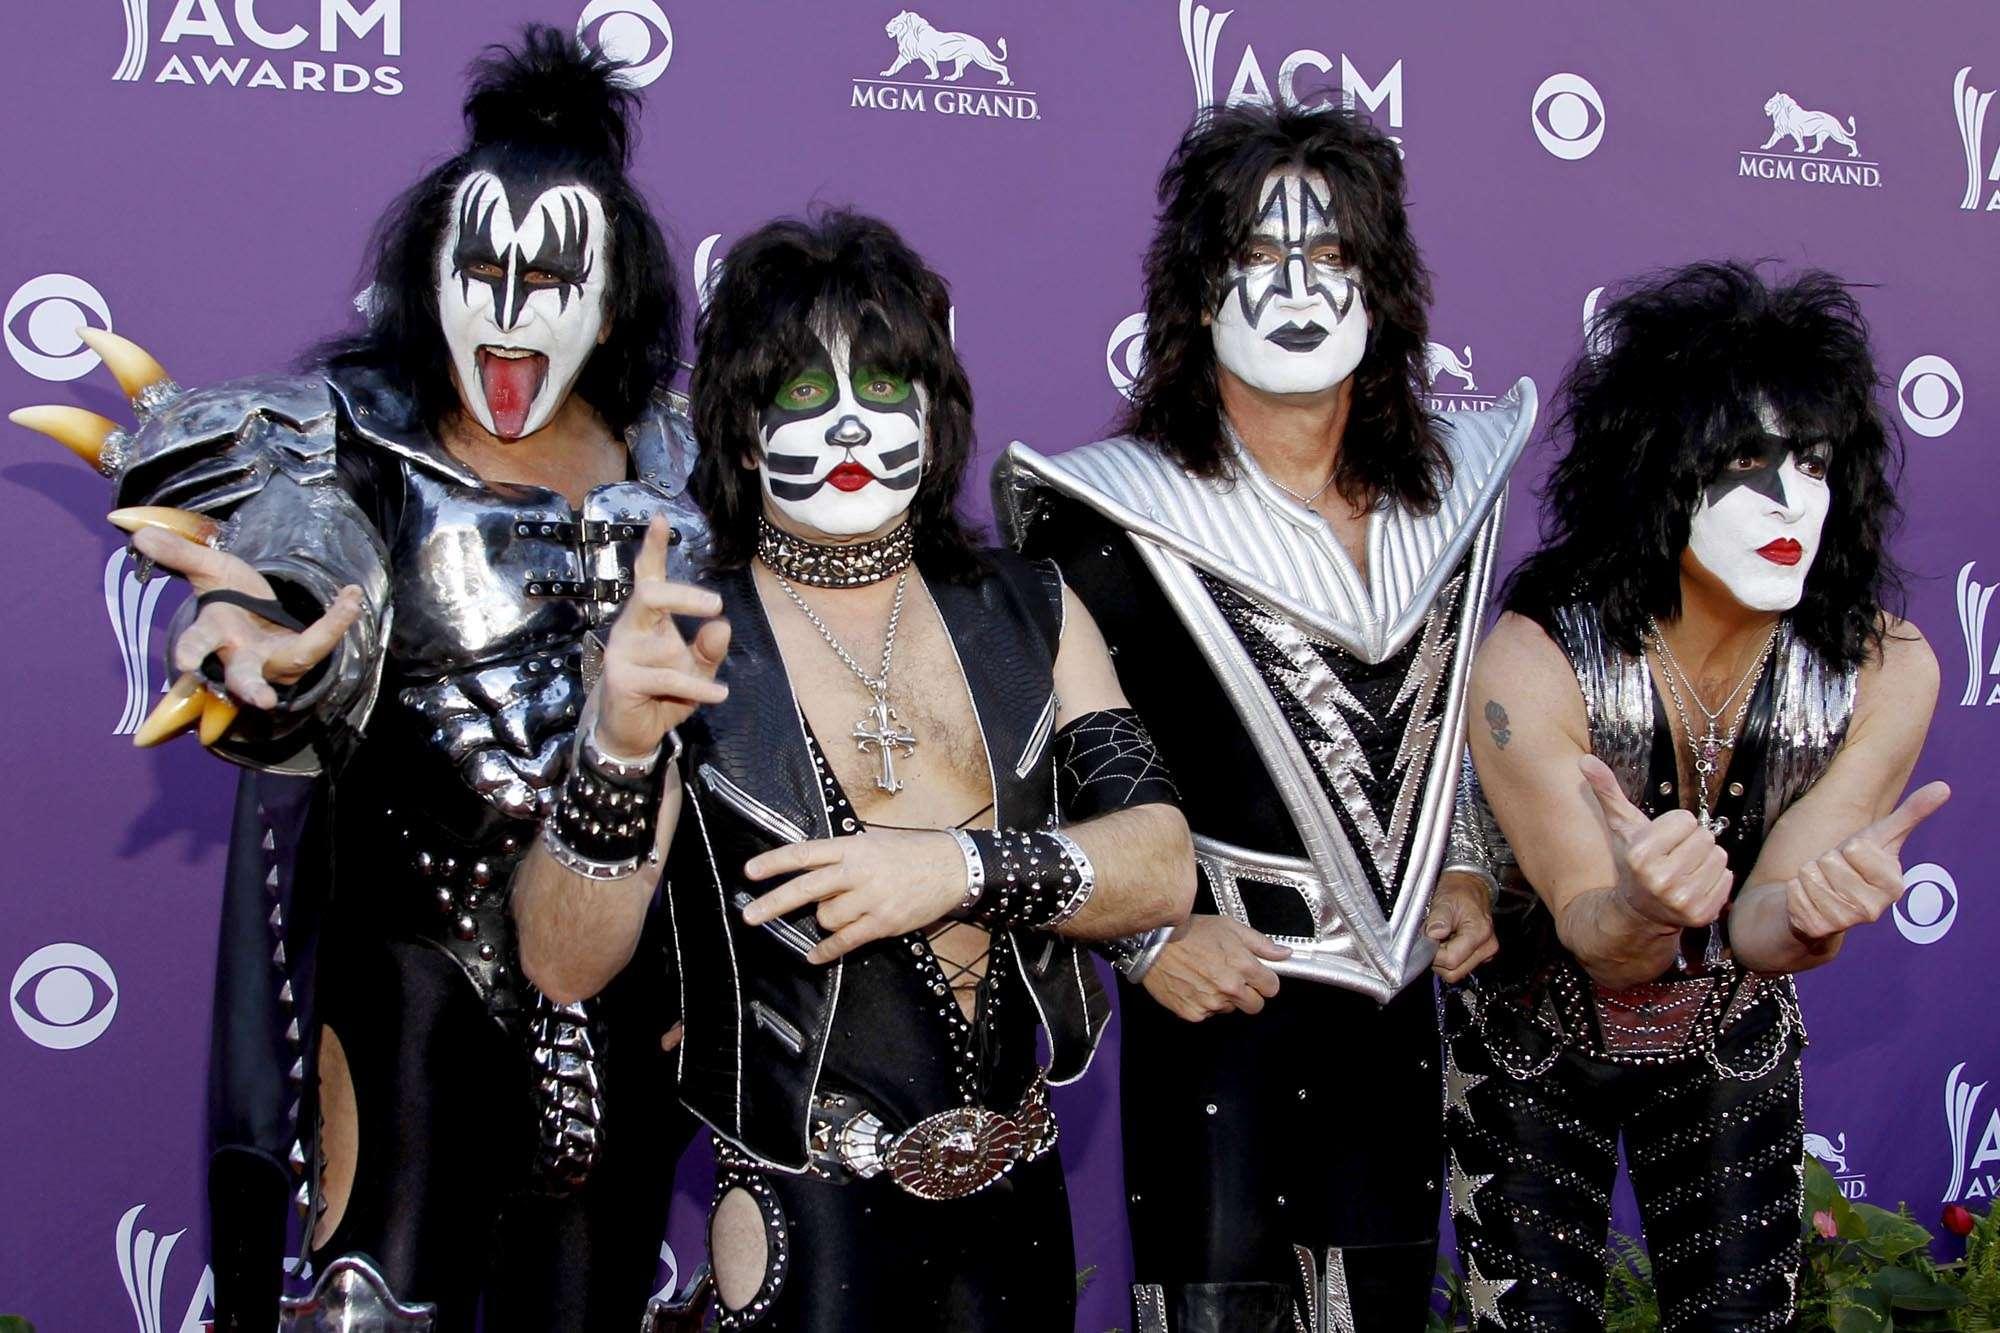 La banda de las caras pintadas viene a Sudamérica en abril. Foto: Getty Images